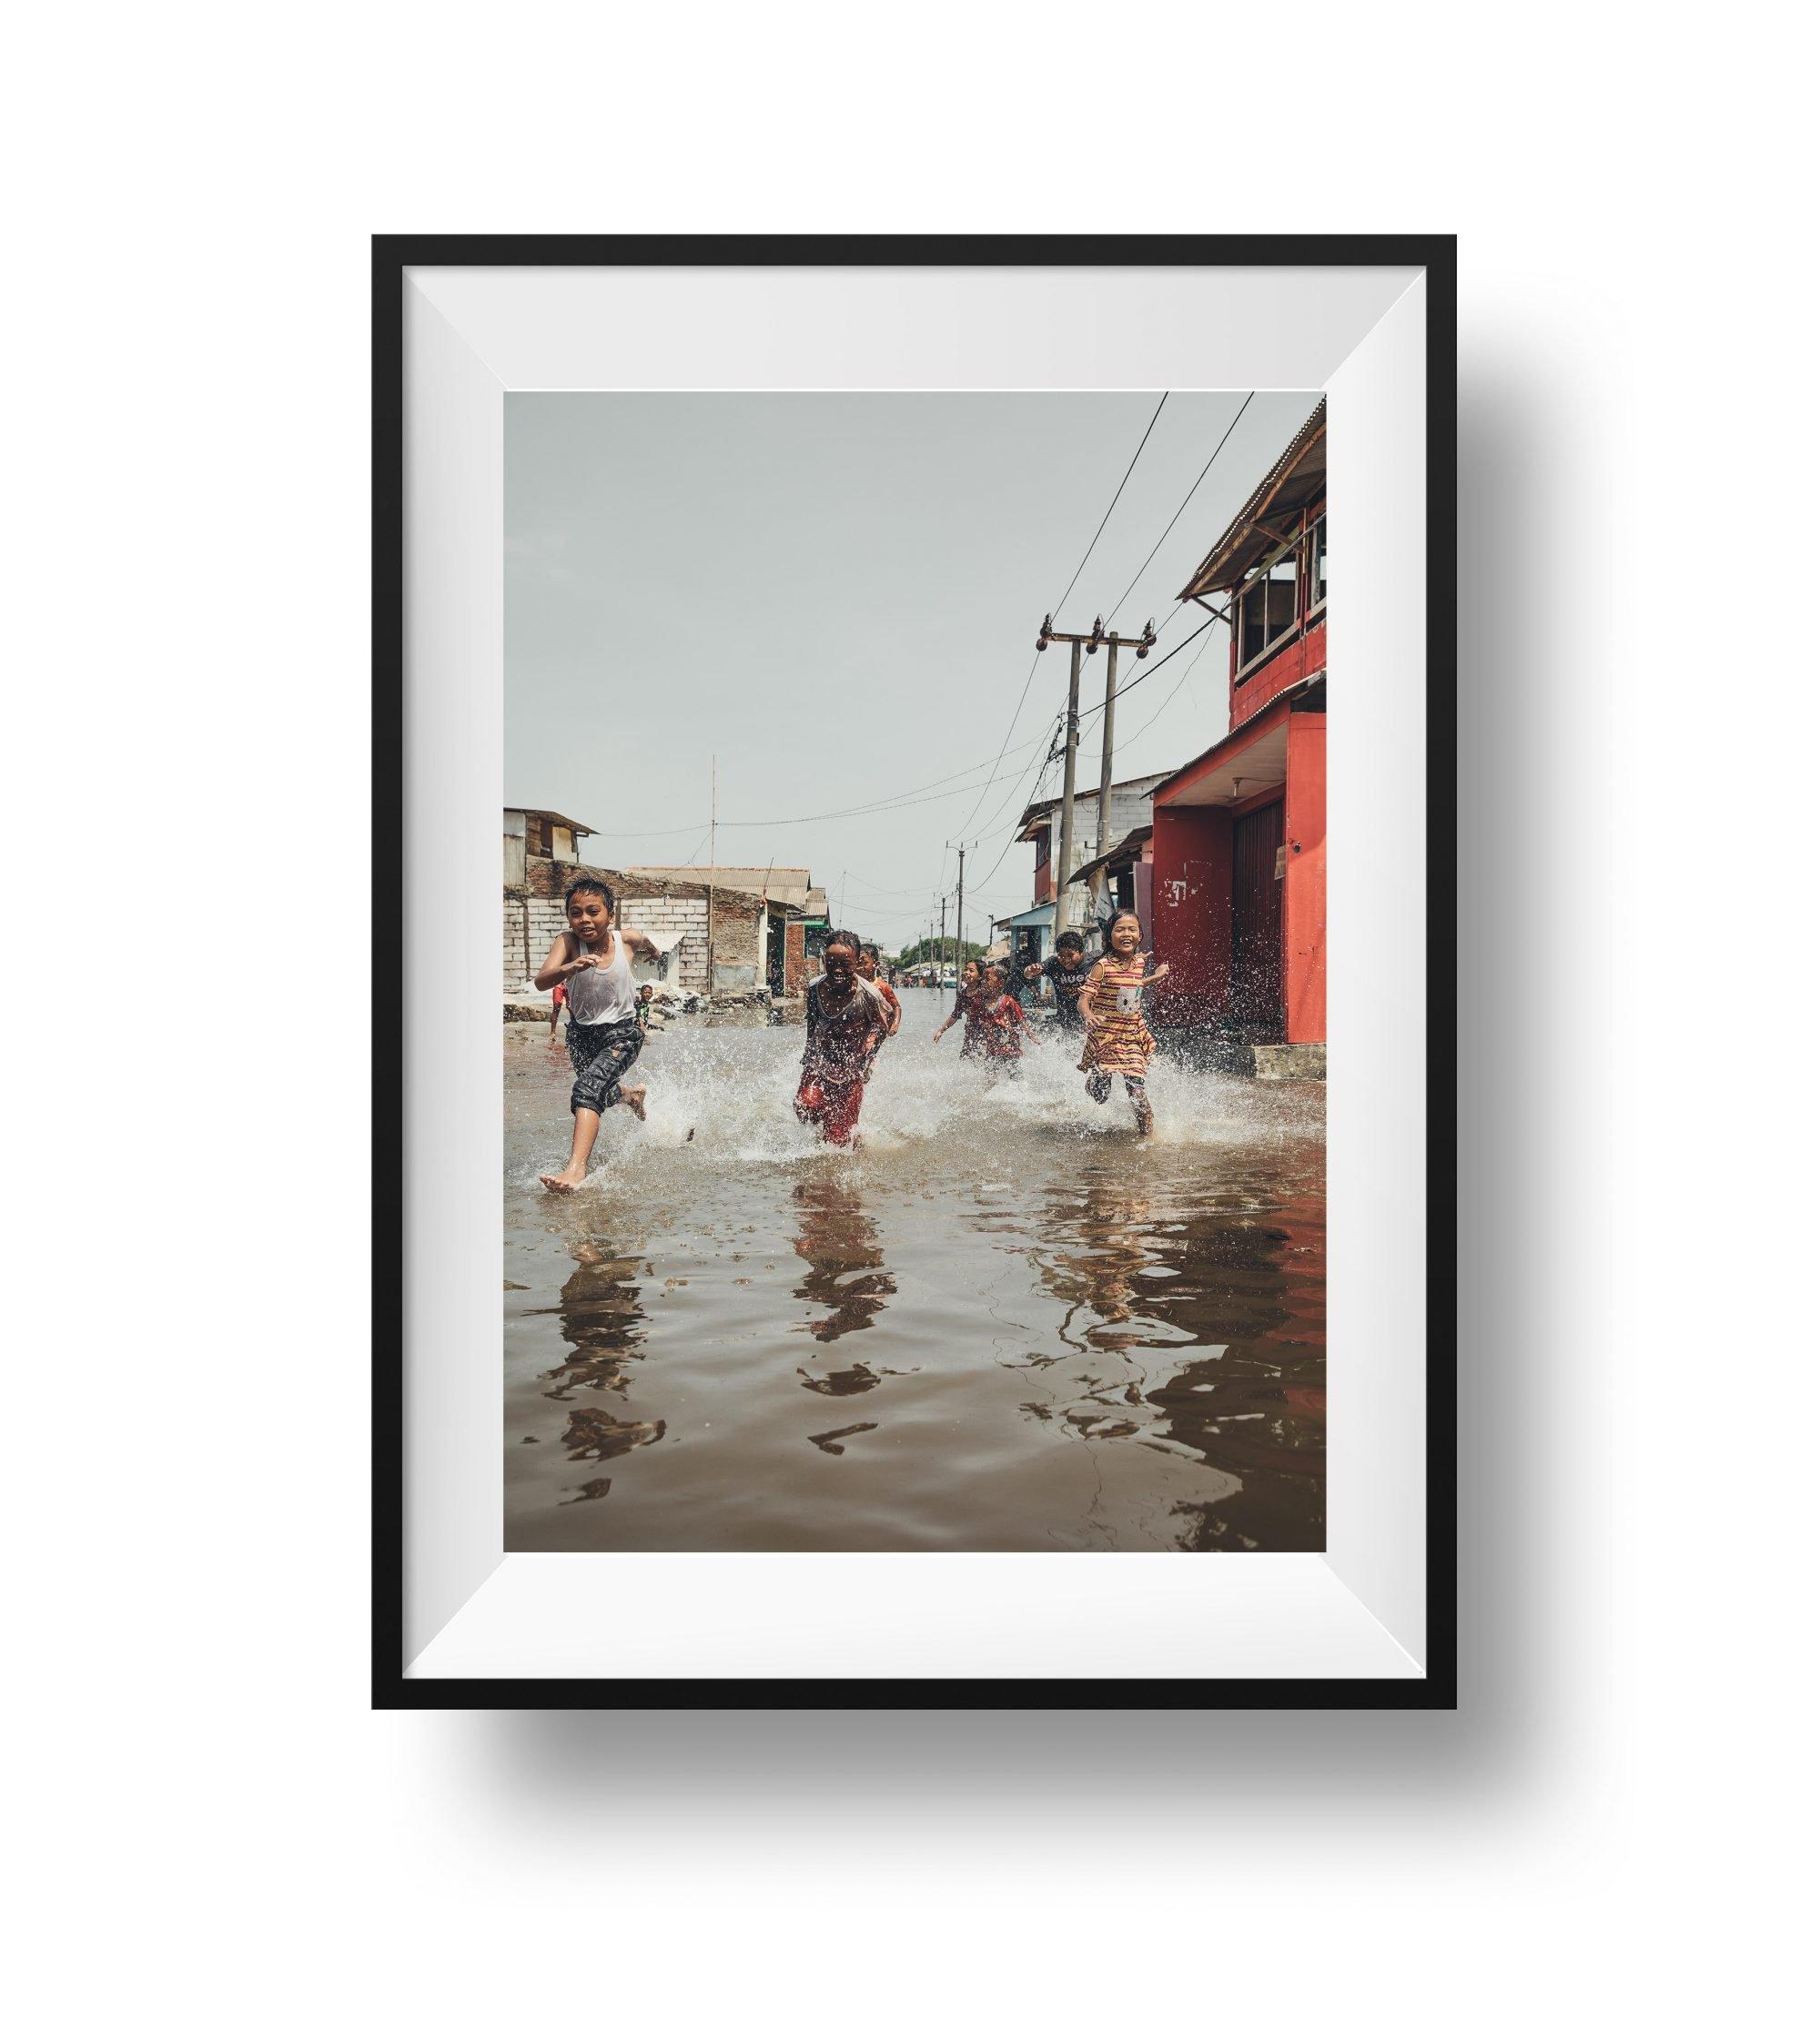 Flooded slums